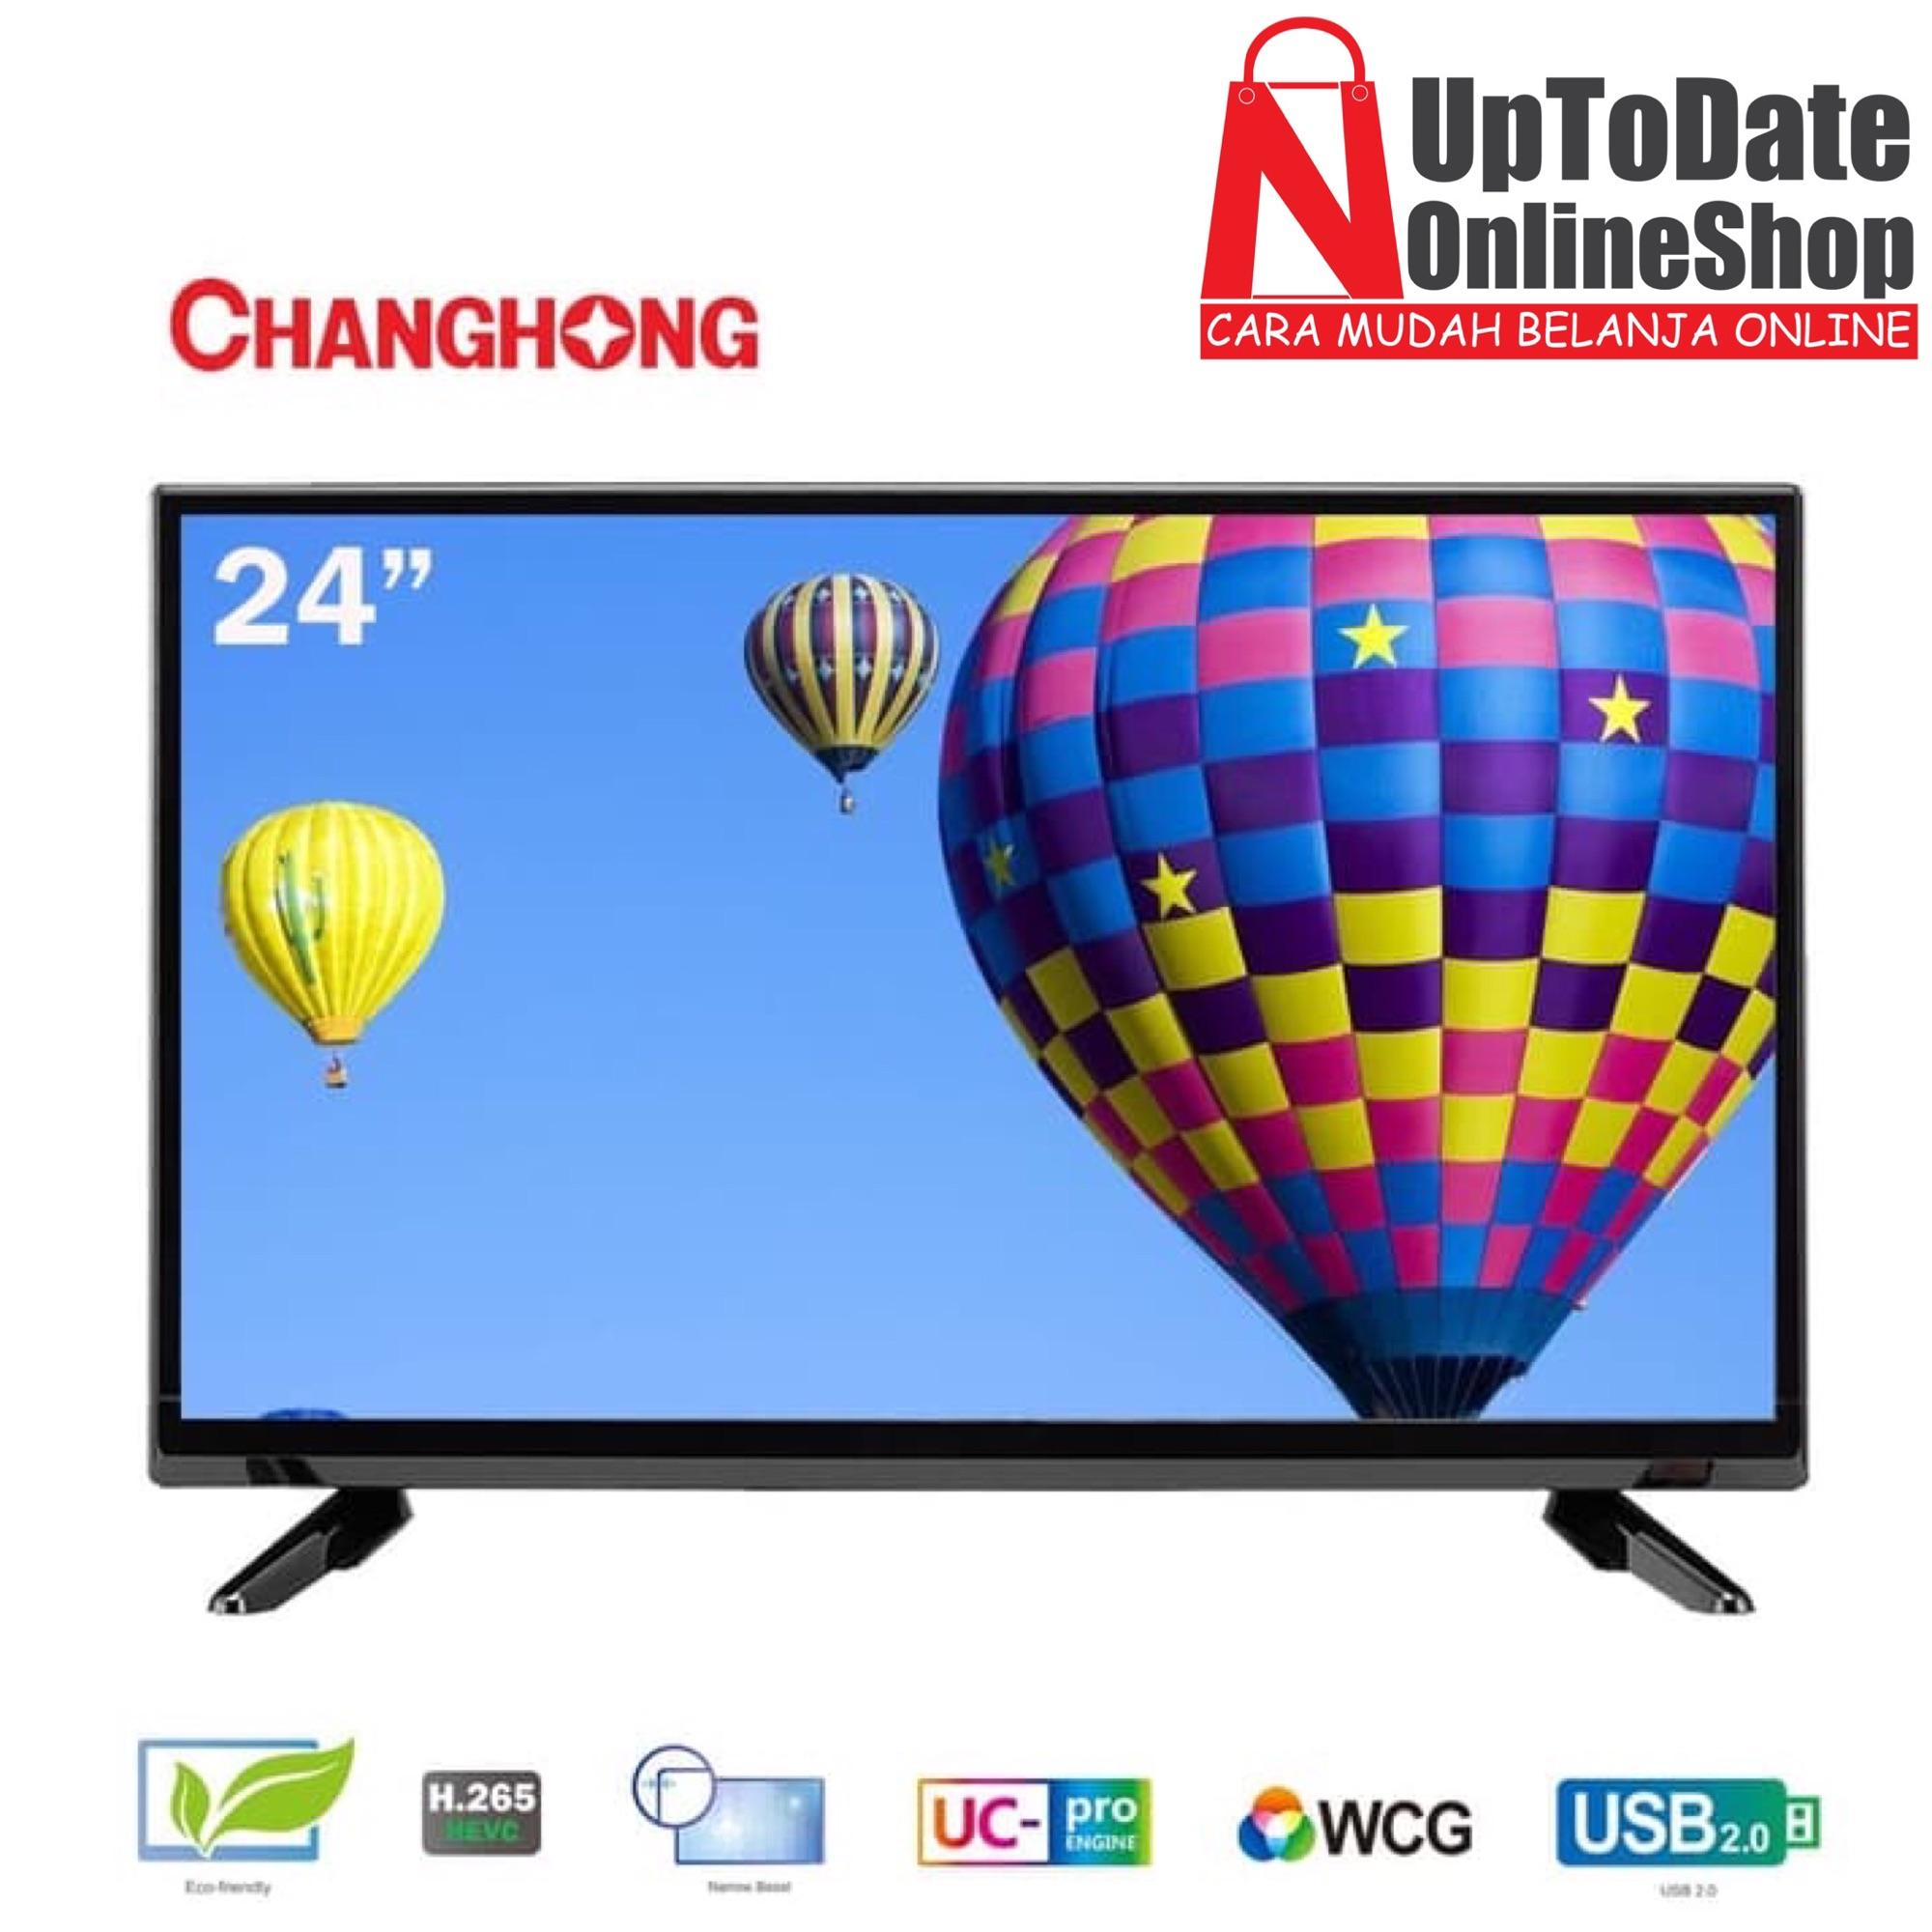 TV LED CHANGHONG L24G3